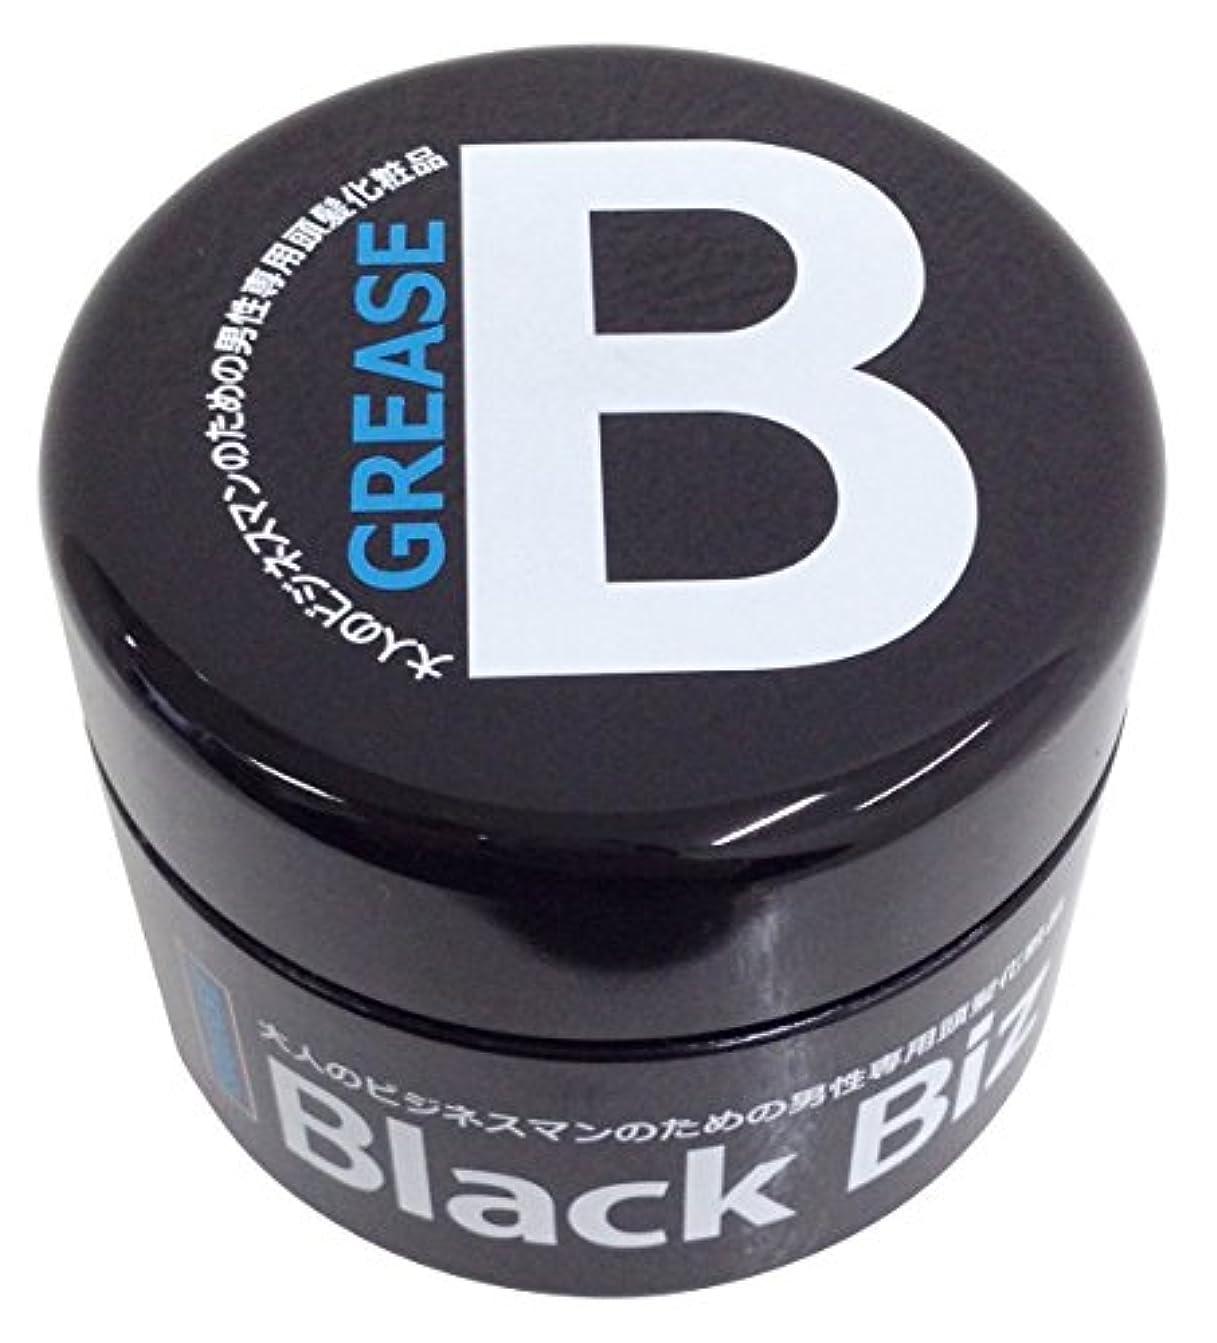 若者シンク結婚した大人のビジネスマンのための男性専用頭髪化粧品 BlackBiz GREASE SOFT ブラックビズ グリース ソフト